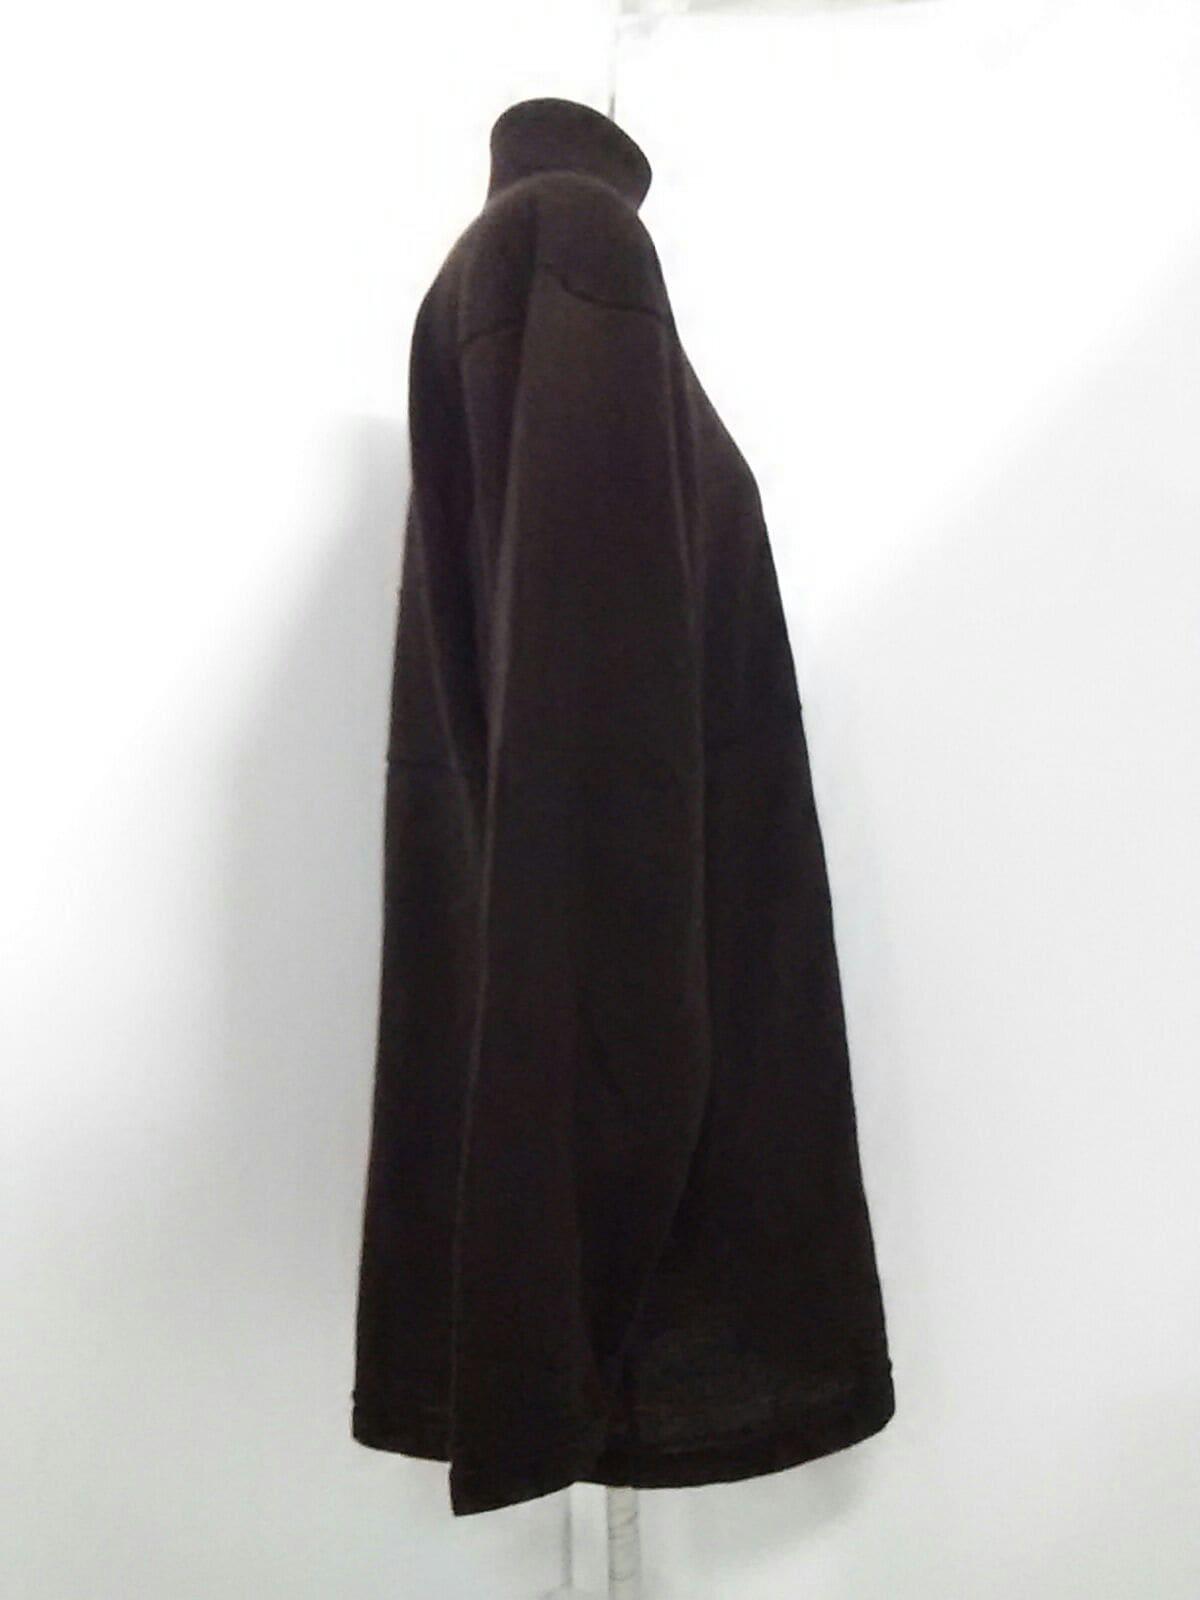 JURGEN LEHL(ヨーガンレール)のセーター